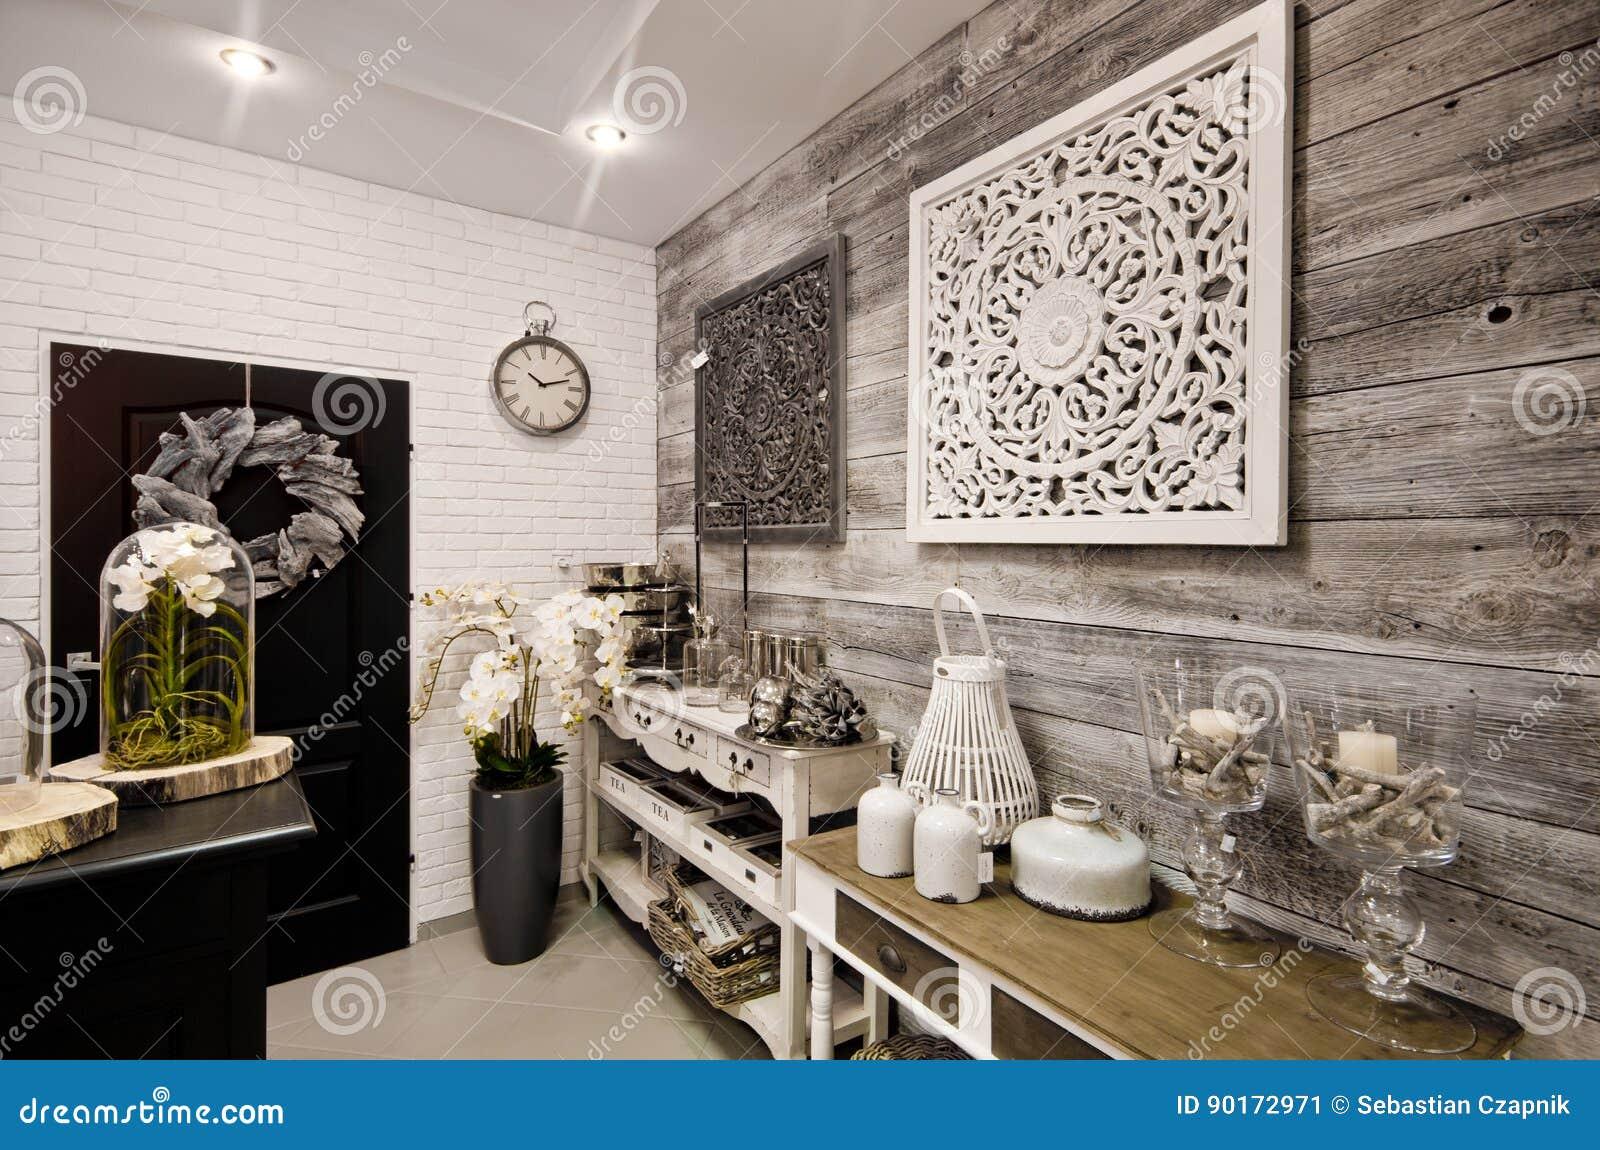 De Huisdecoratie Winkelen Binnenland Stock Afbeelding Image Of Beige Decor 90172971